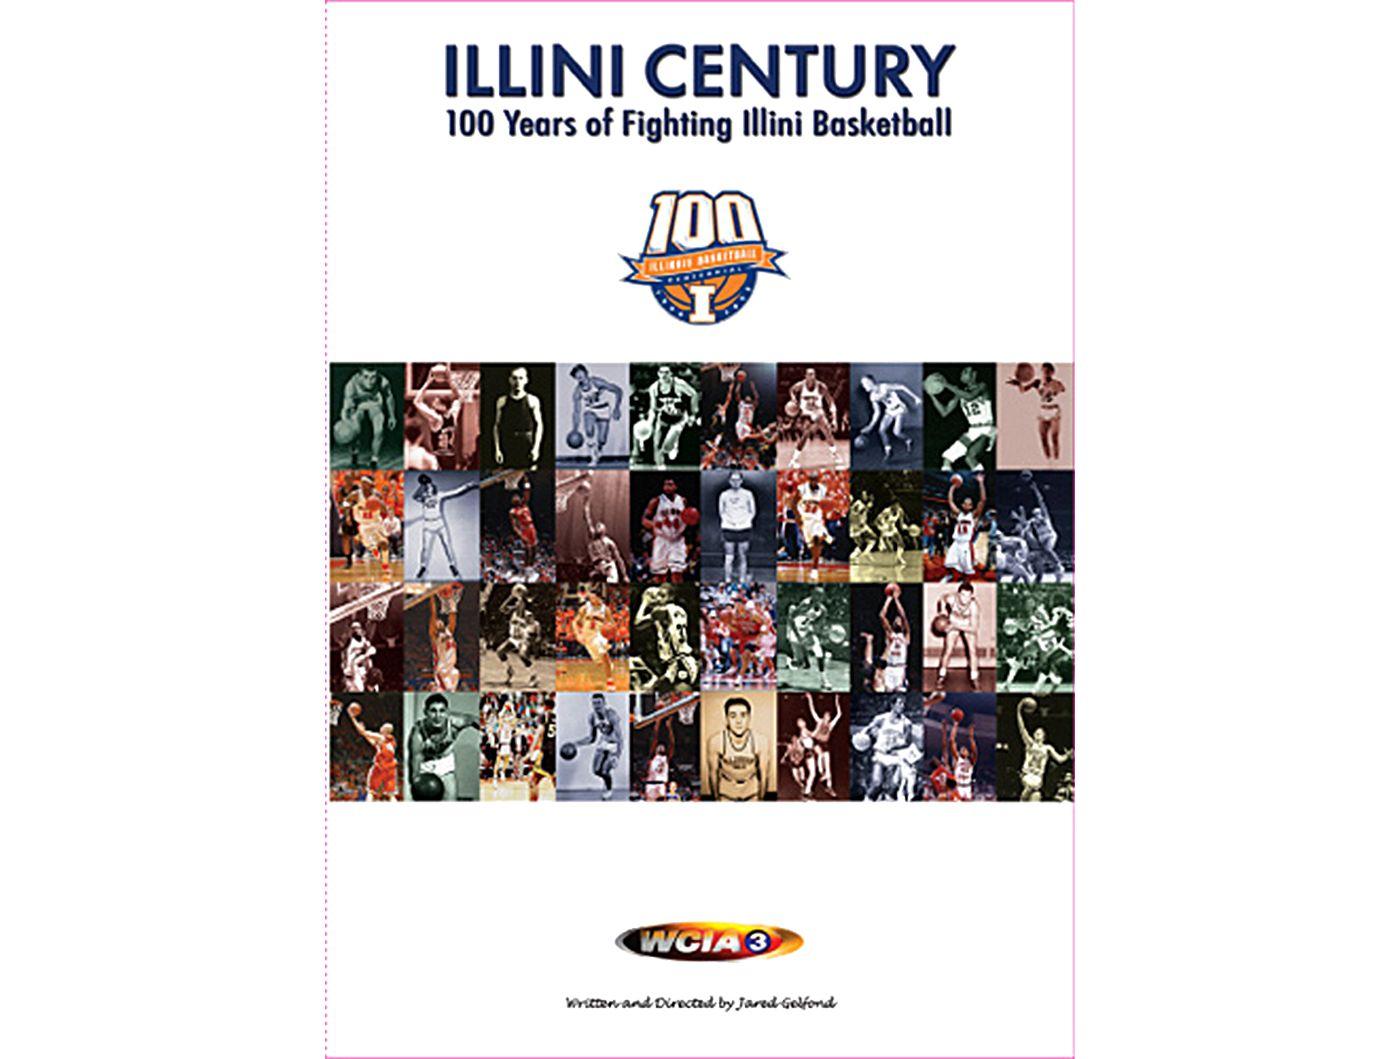 Illini Century DVD